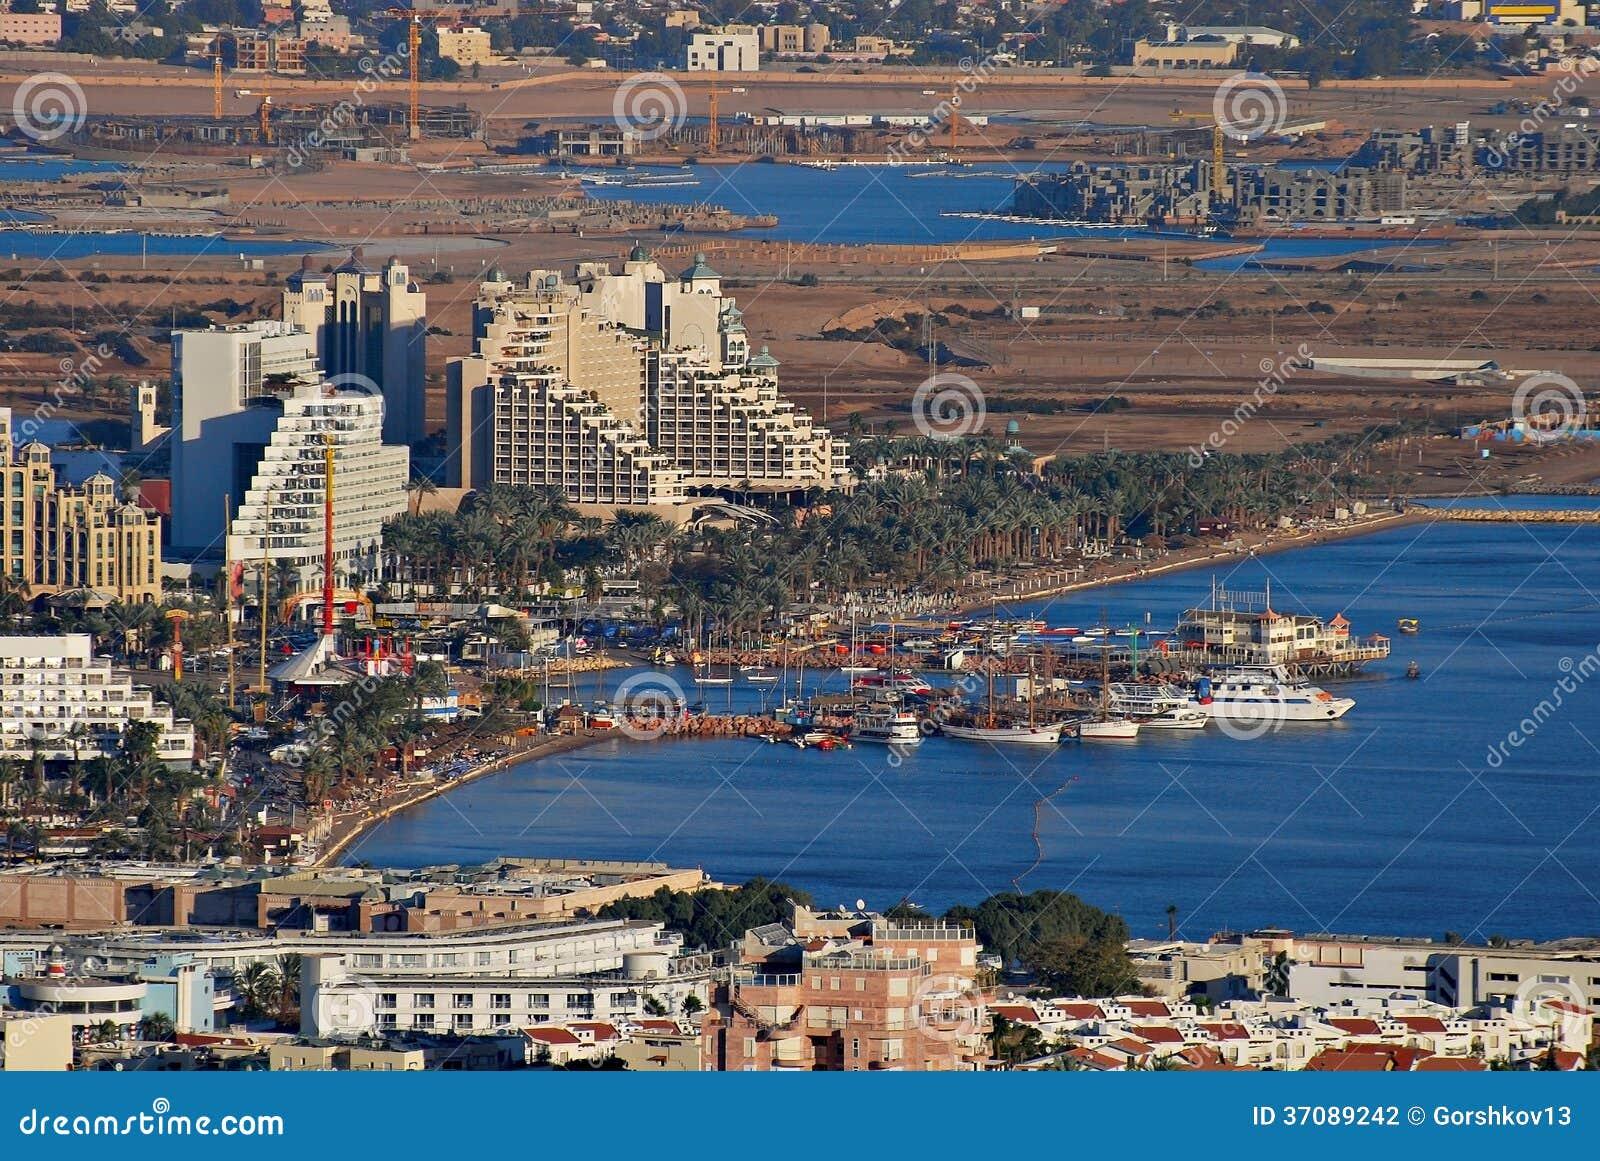 Download Widok Z Lotu Ptaka Na Marina W Eilat I Lagunie W Aqaba Zdjęcie Stock - Obraz złożonej z landmark, żeglarz: 37089242